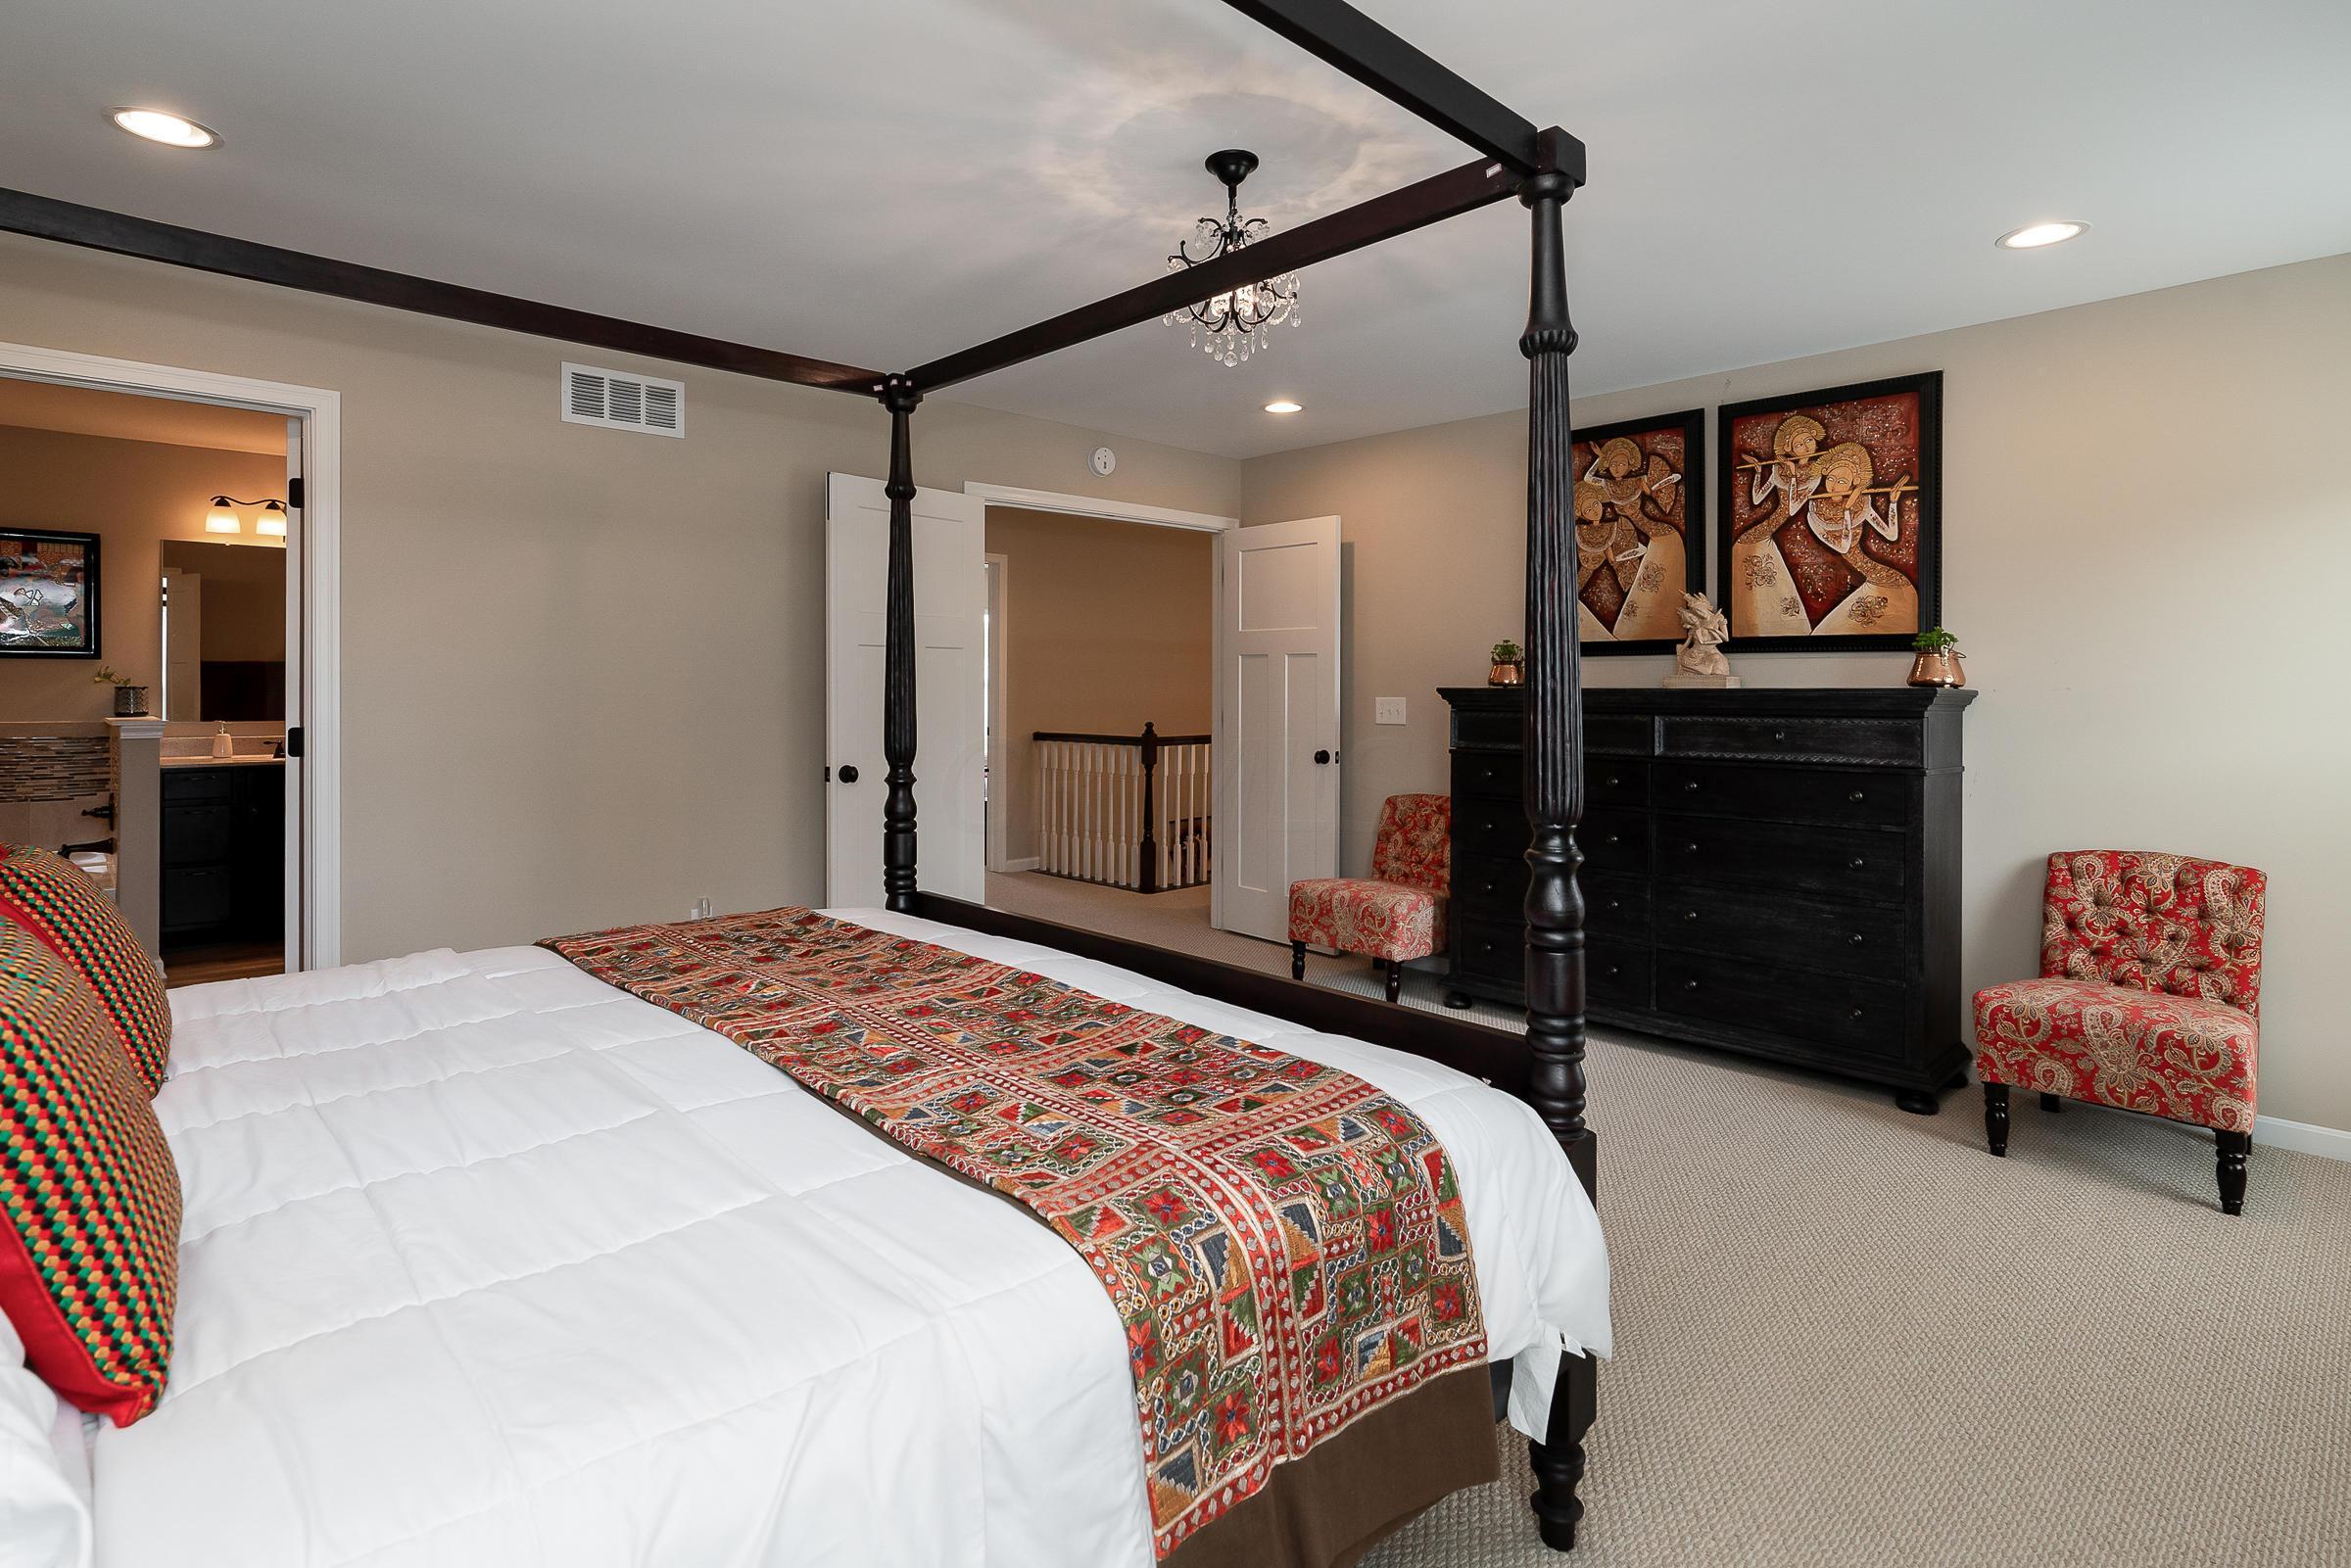 6456 Streamside Drive, Galena, Ohio 43021, 5 Bedrooms Bedrooms, ,3 BathroomsBathrooms,Residential,For Sale,Streamside,220025604